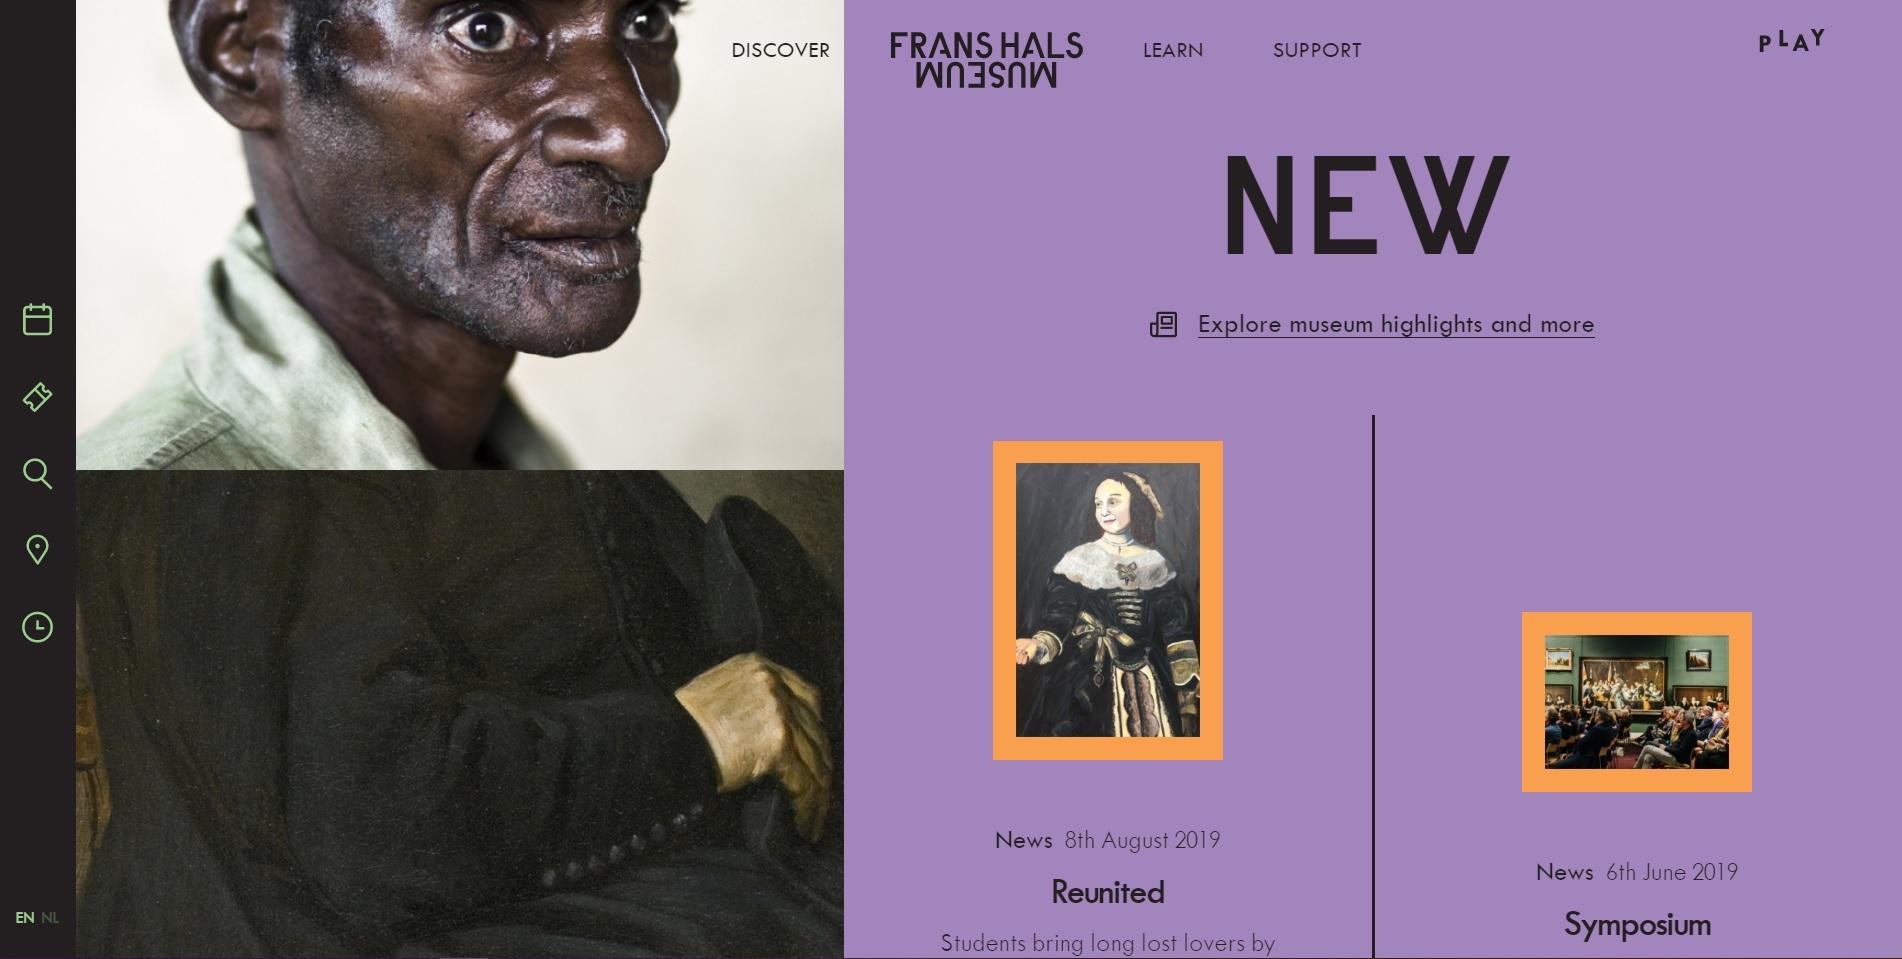 Mooie website van het Frans Hals Museum